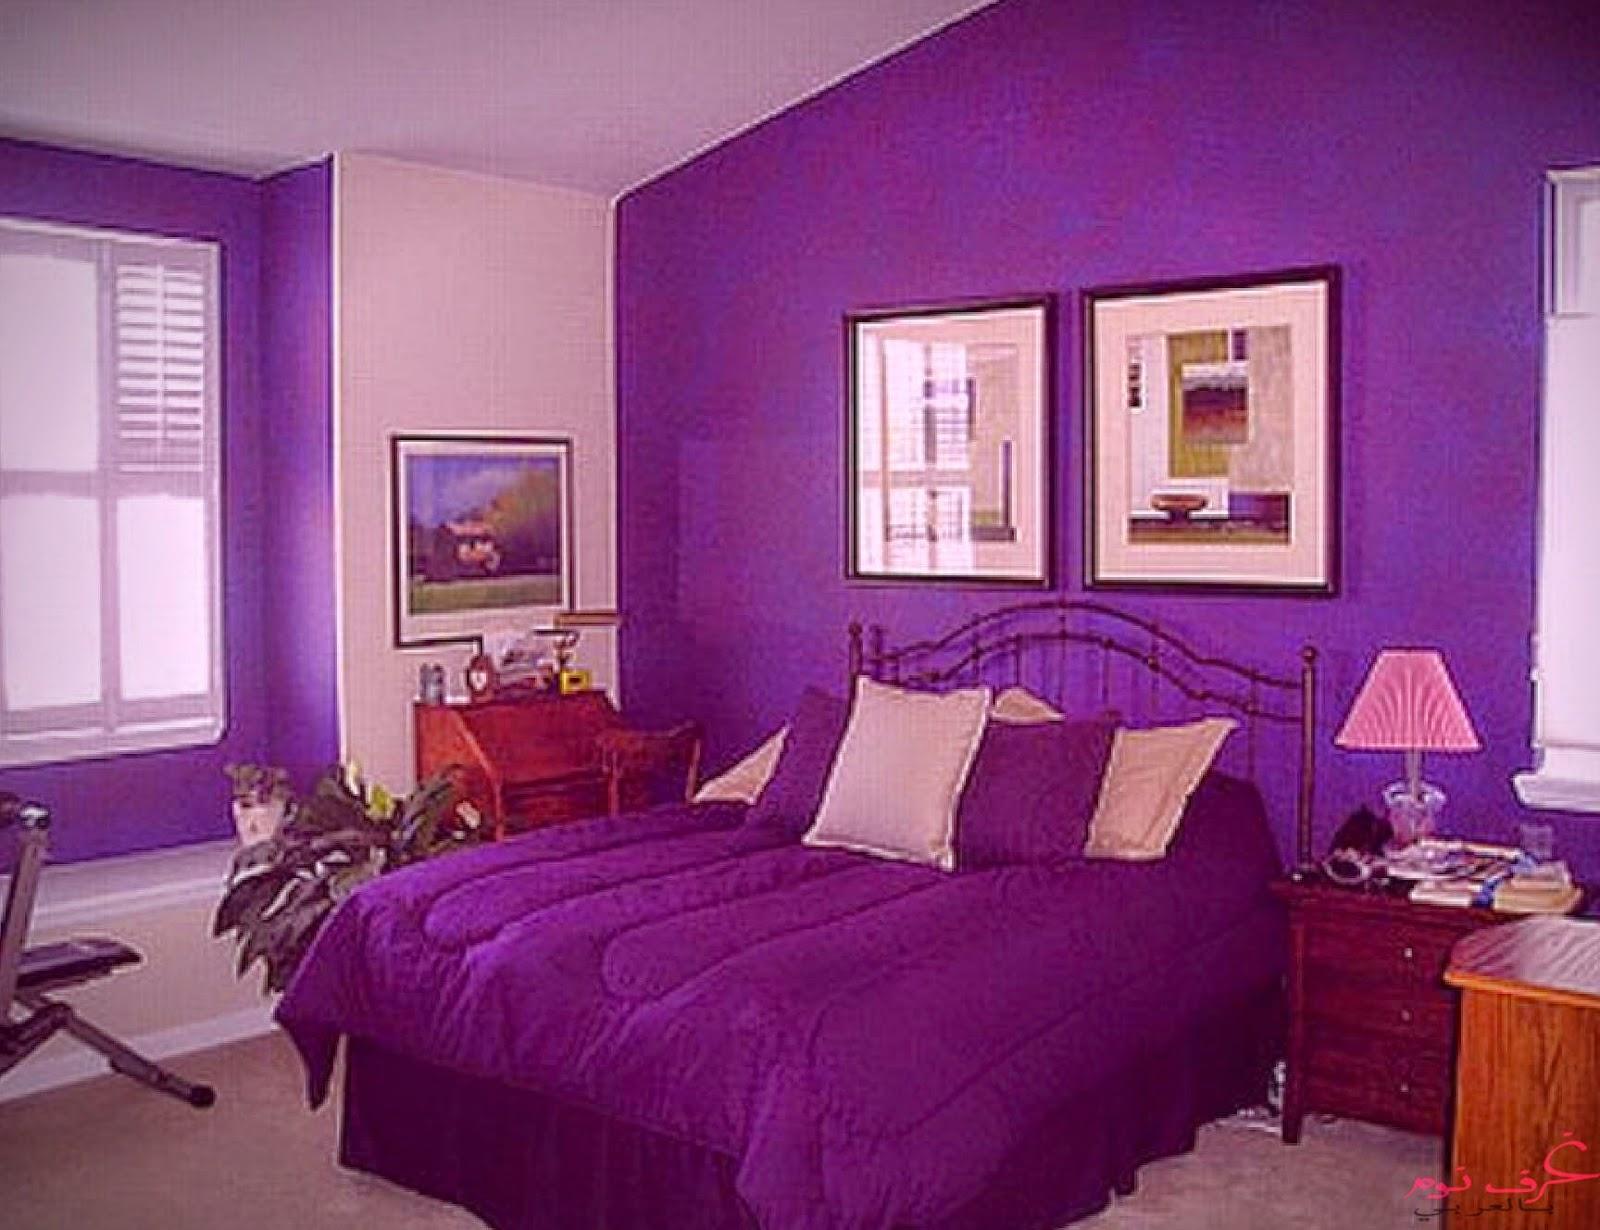 تصميمات غرف نوم الاطفال باللون البنفسجي | مجلة | غرف نوم